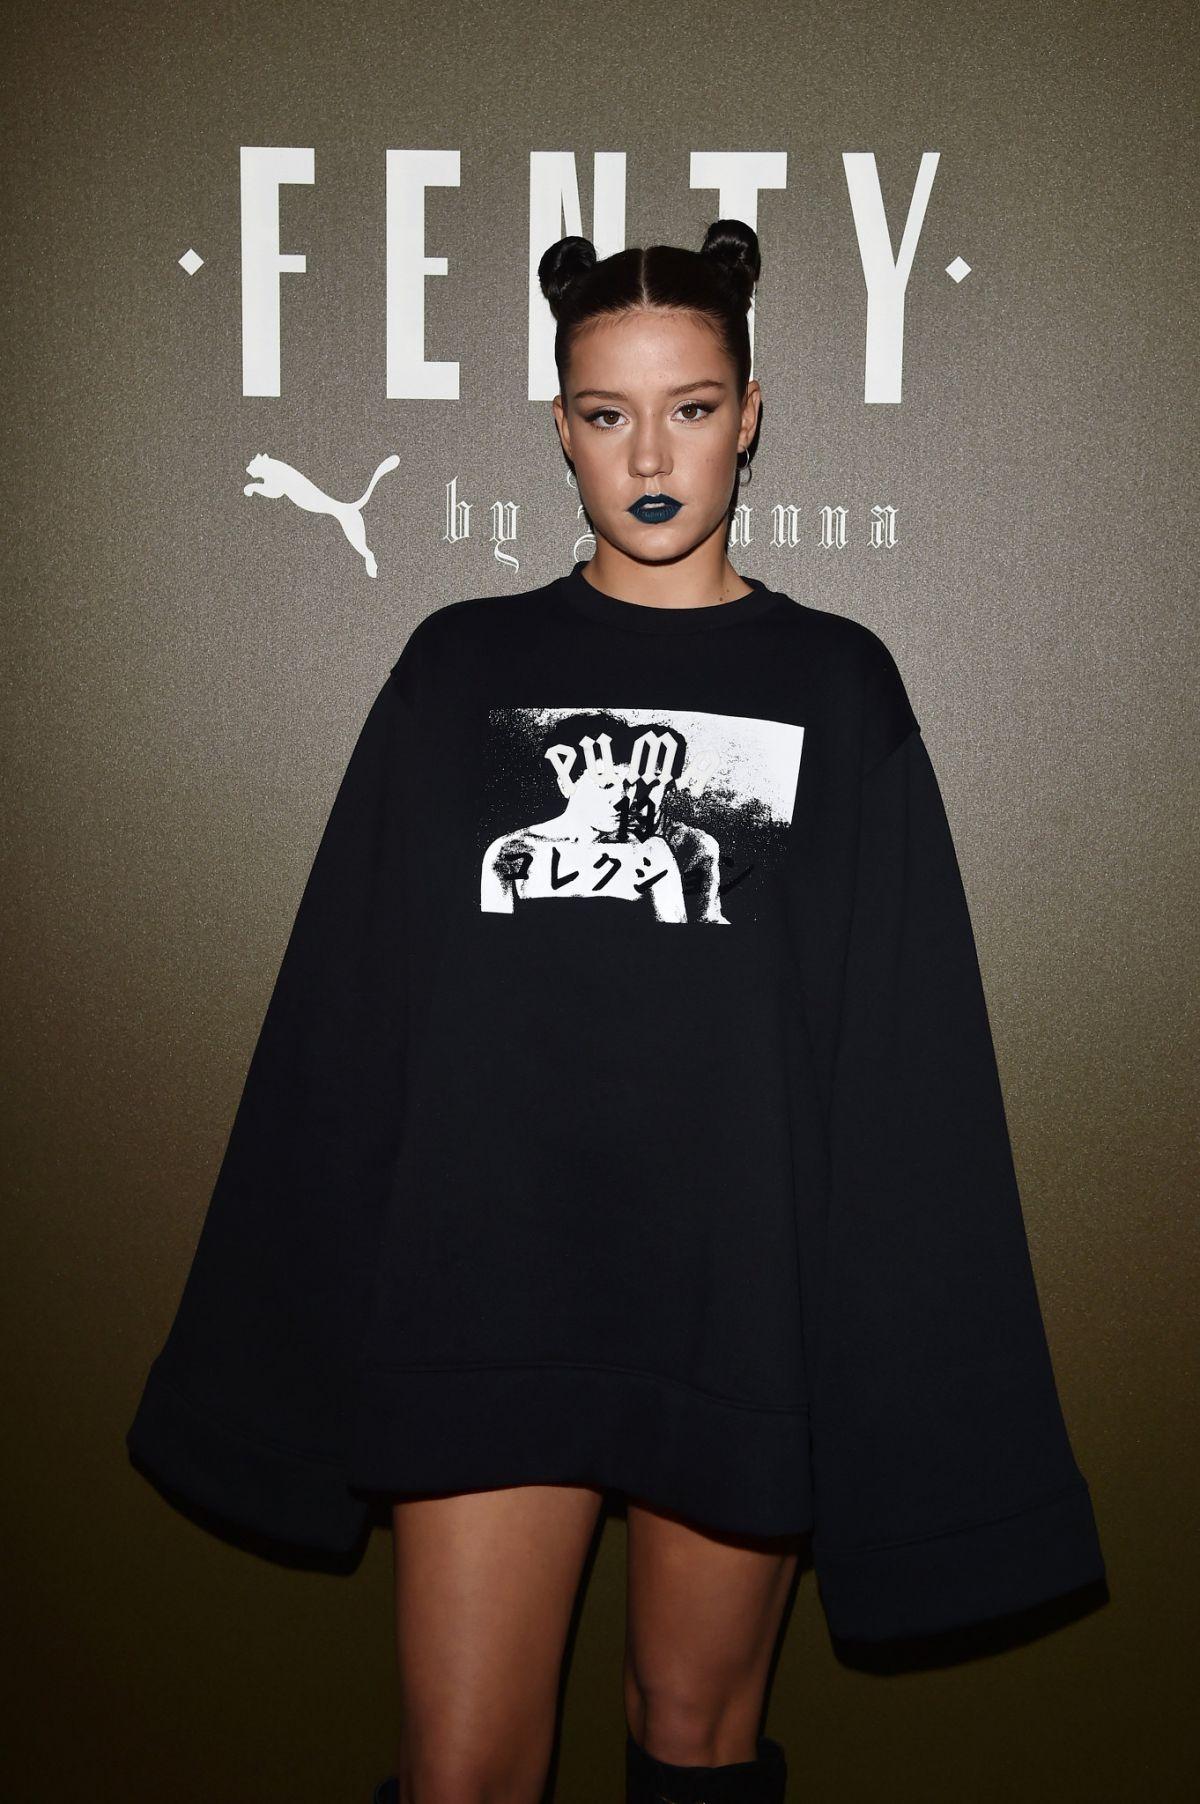 ADELE EXARCHOPOULOS at Fenty x Puma by Rihanna Fashion Show at Paris Fashion Week 09/28/2016